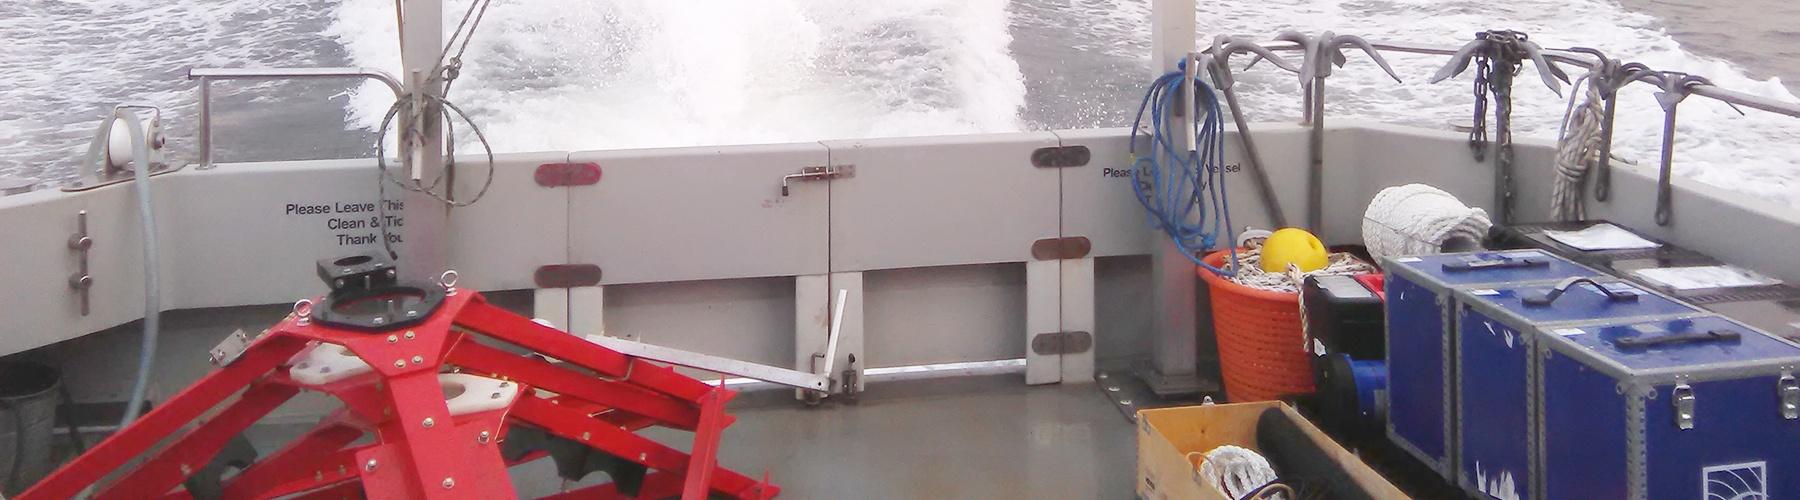 Intrumentation deployment off Dunkerque